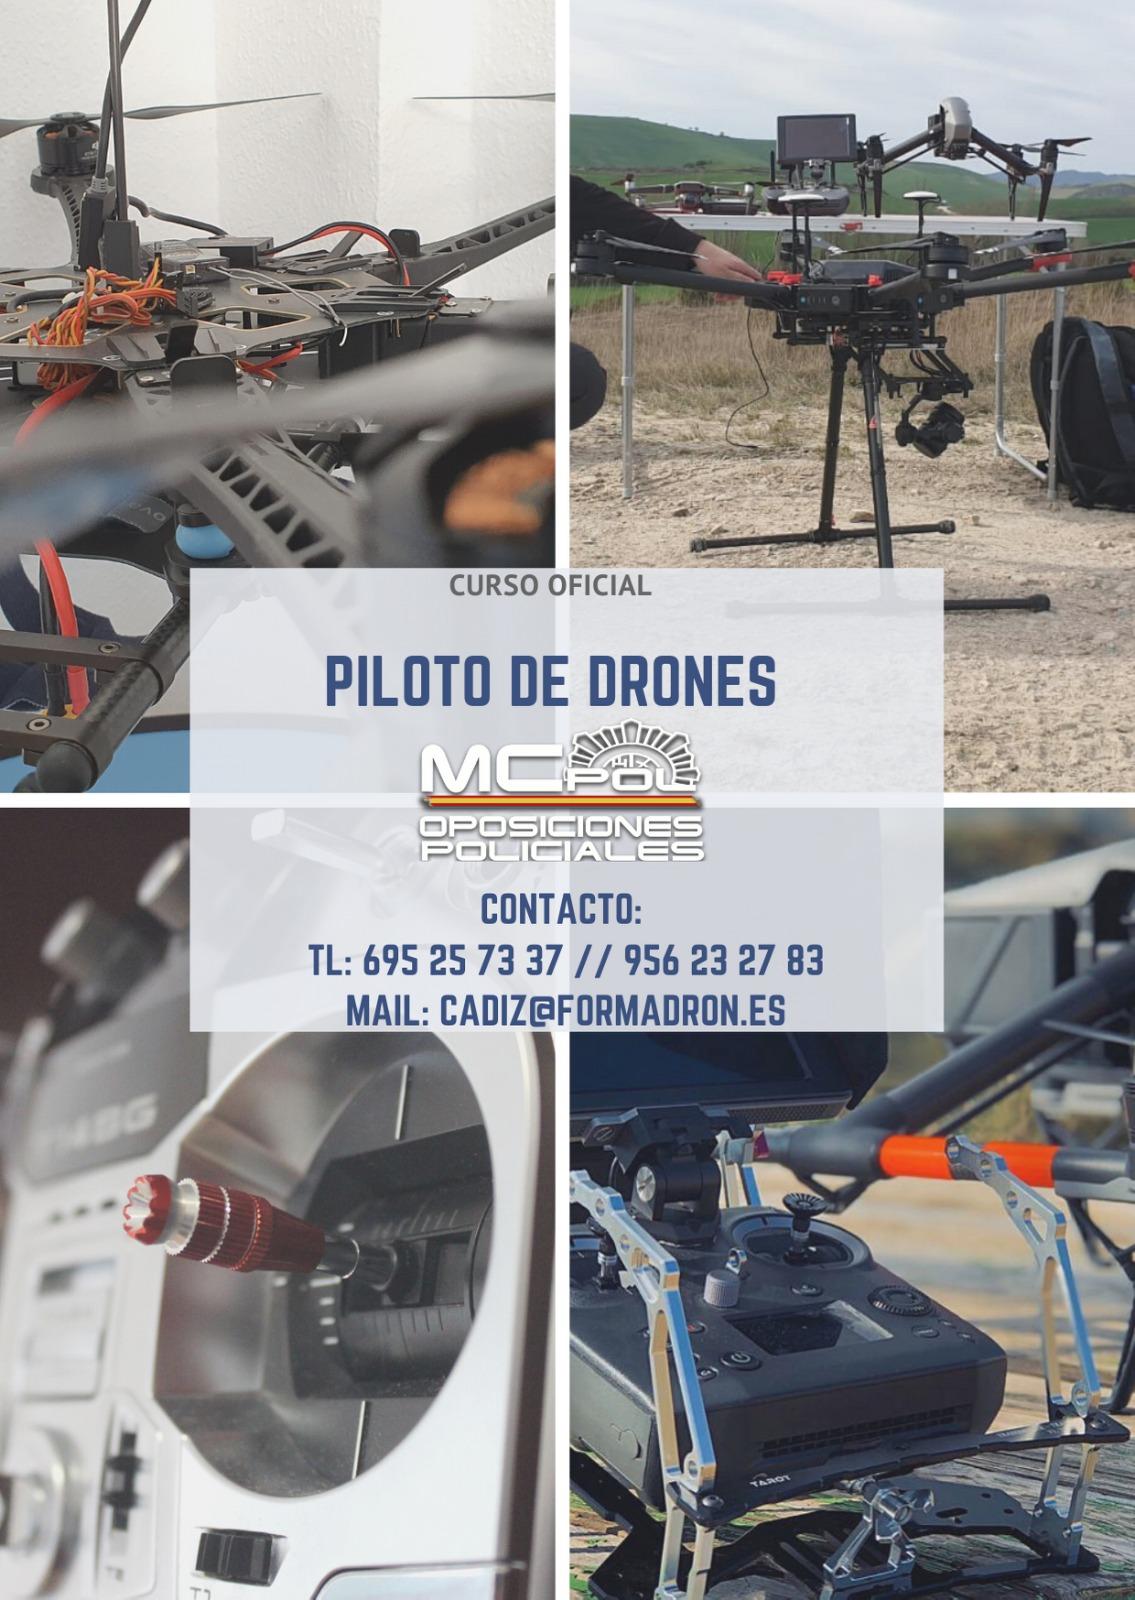 CURSO OFICIAL PILOTO DE DRONES